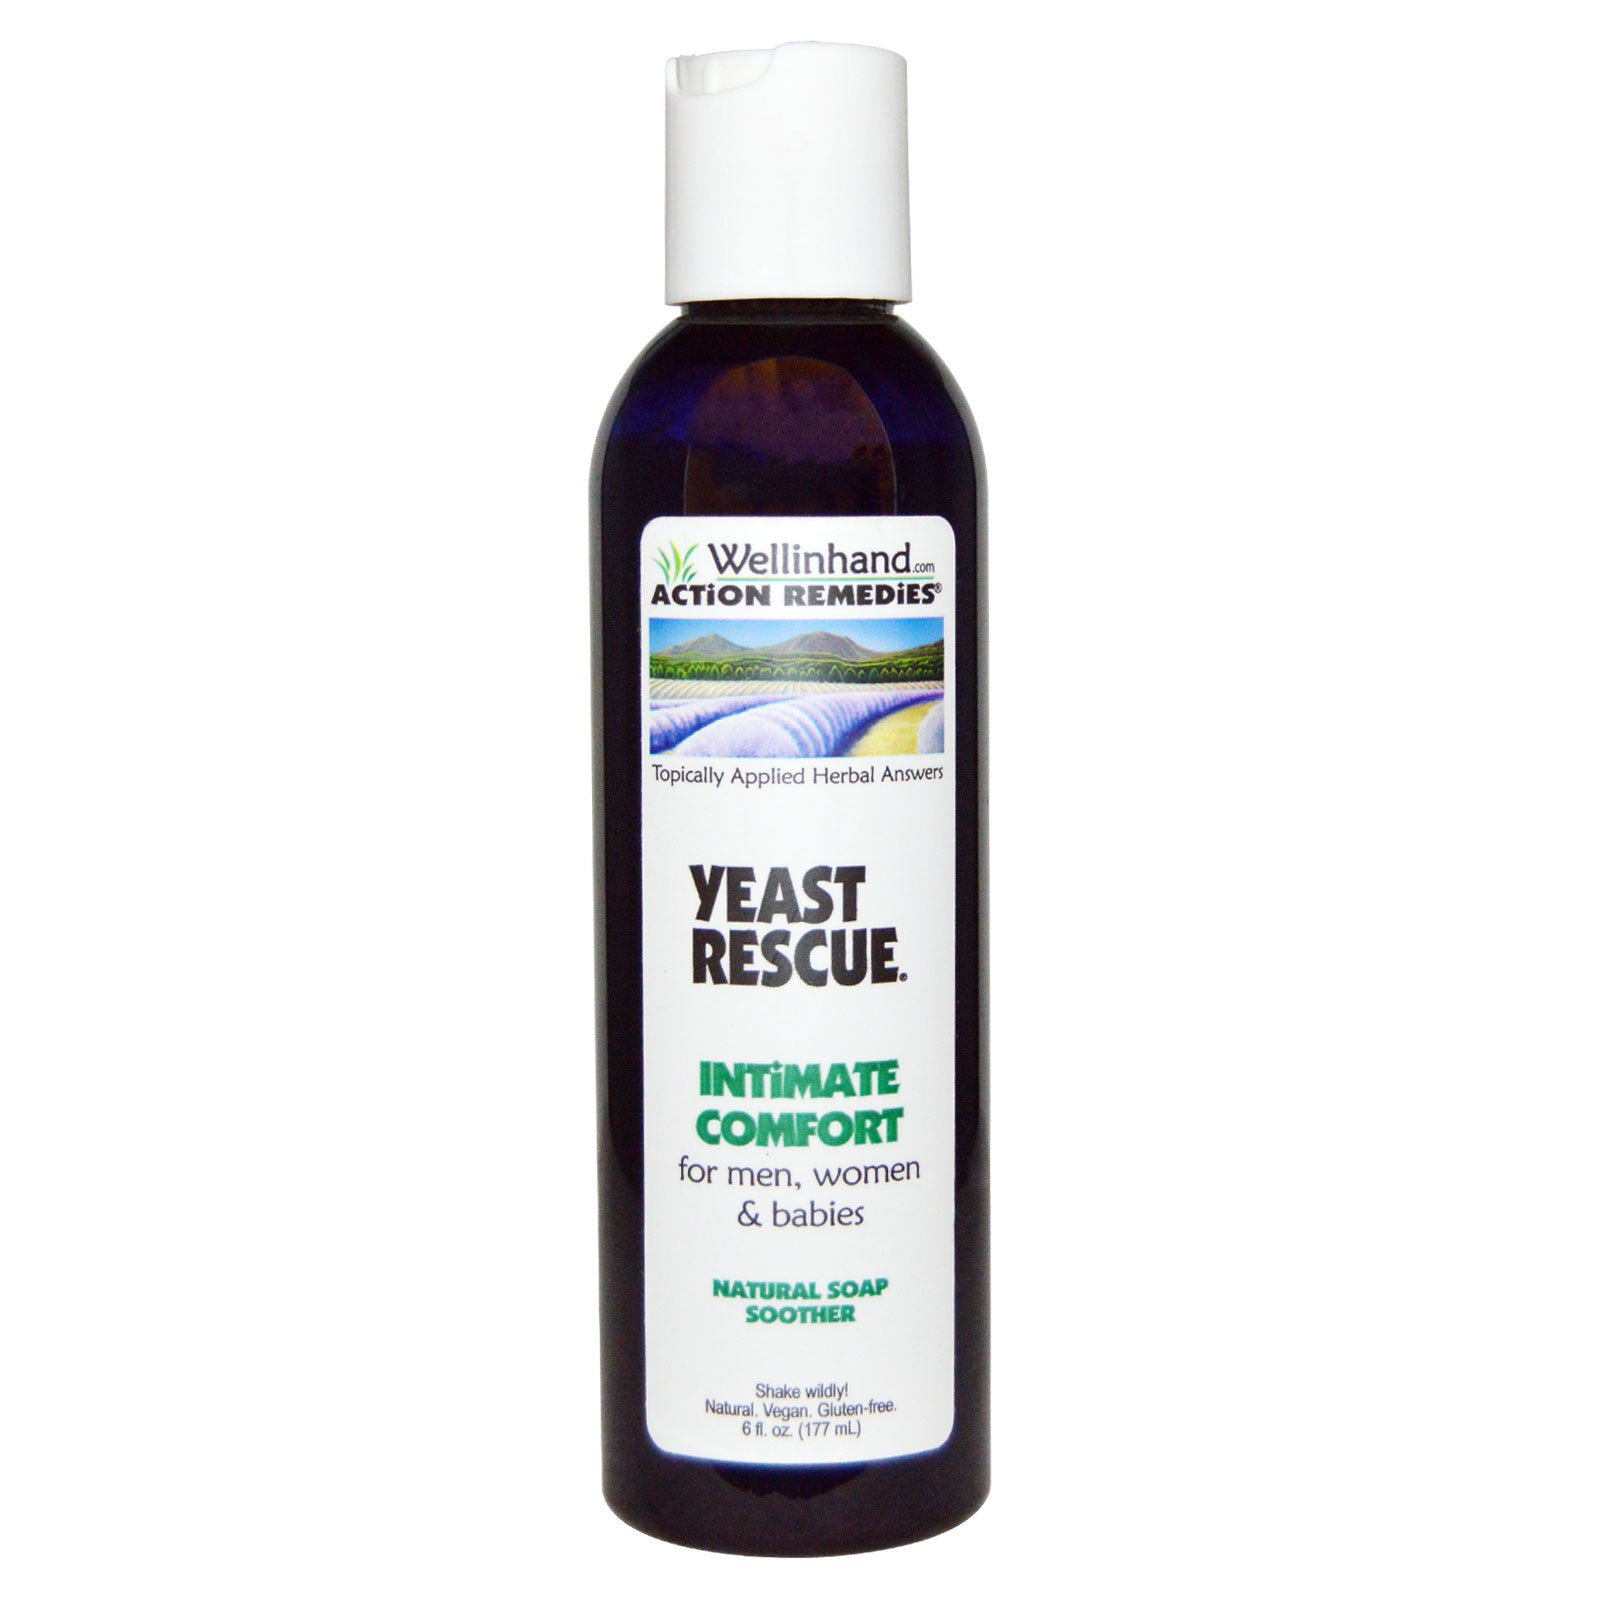 Wellinhand Action Remedies, Yeast Rescue, натуральное мыло, для мужчин, женщин и детей, 6 жидких унций (177 мл)